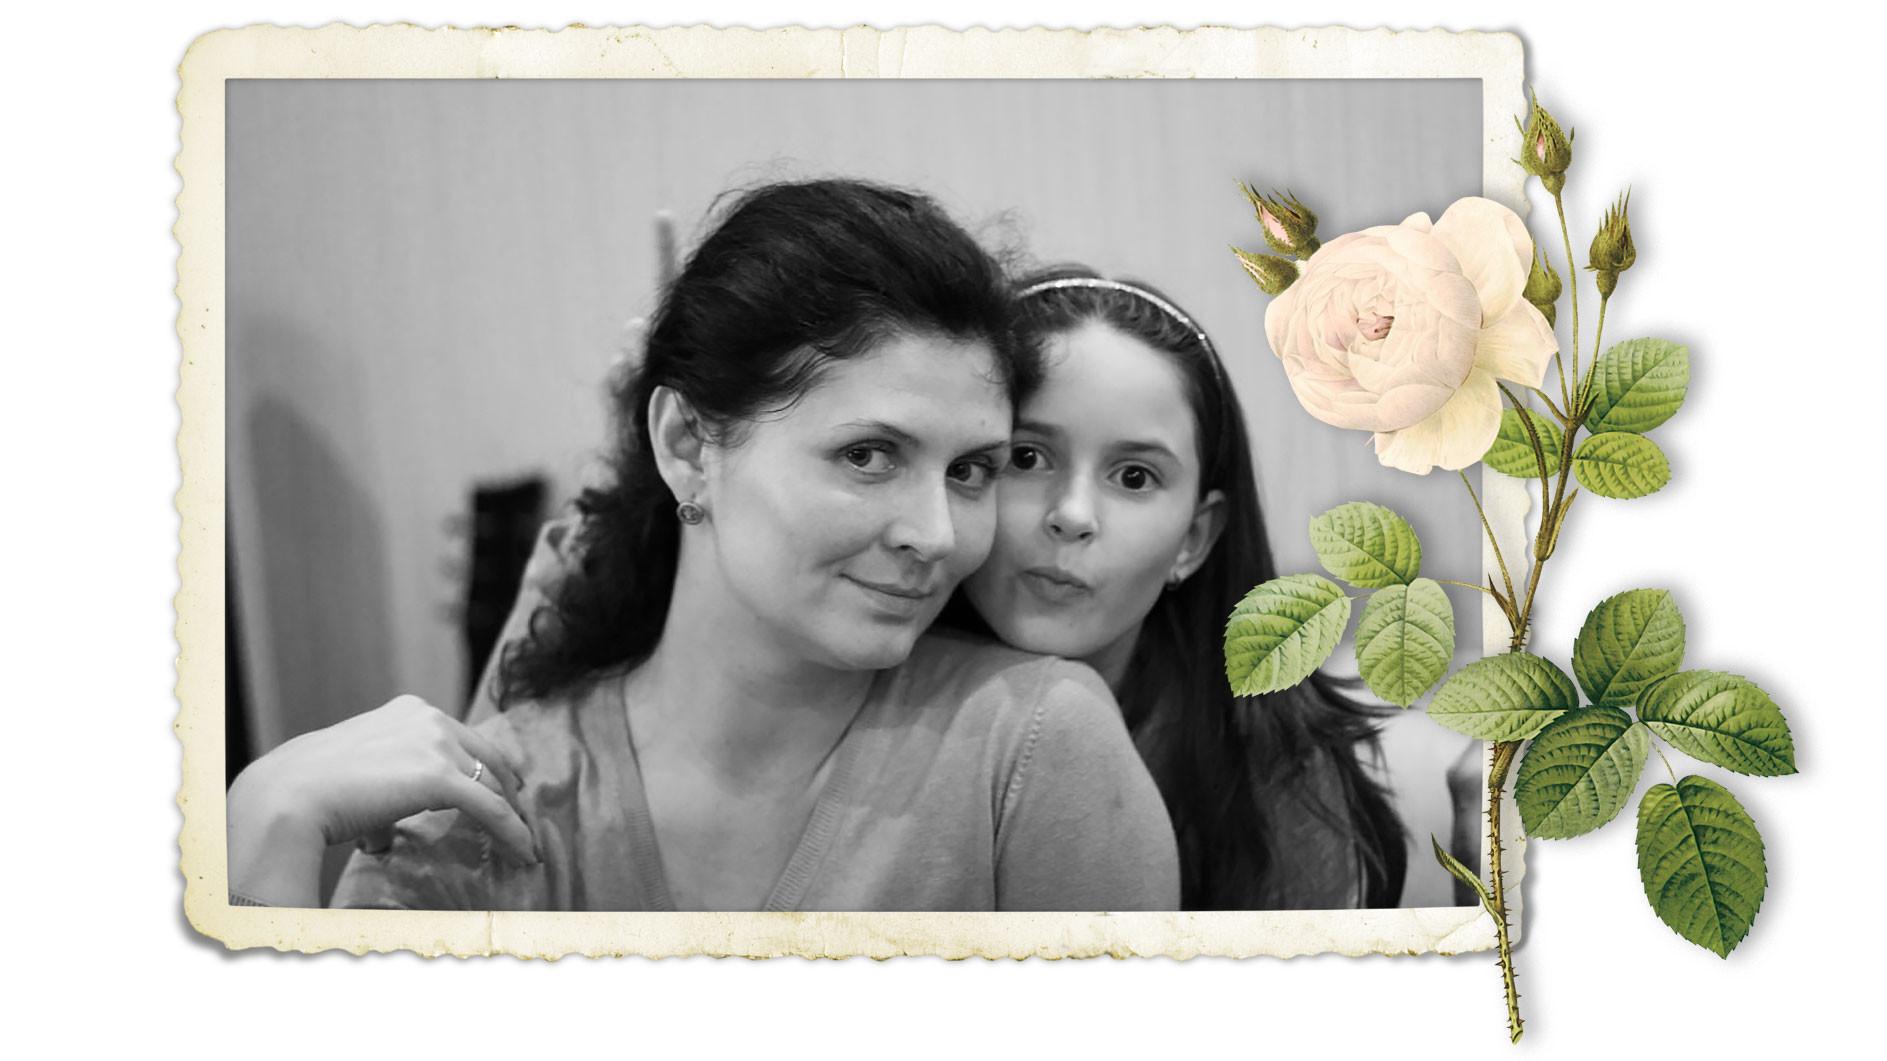 Эллина Скворцова и её дочь Дарья Арташина. Коллаж © L!FE Фото: © ok.ru